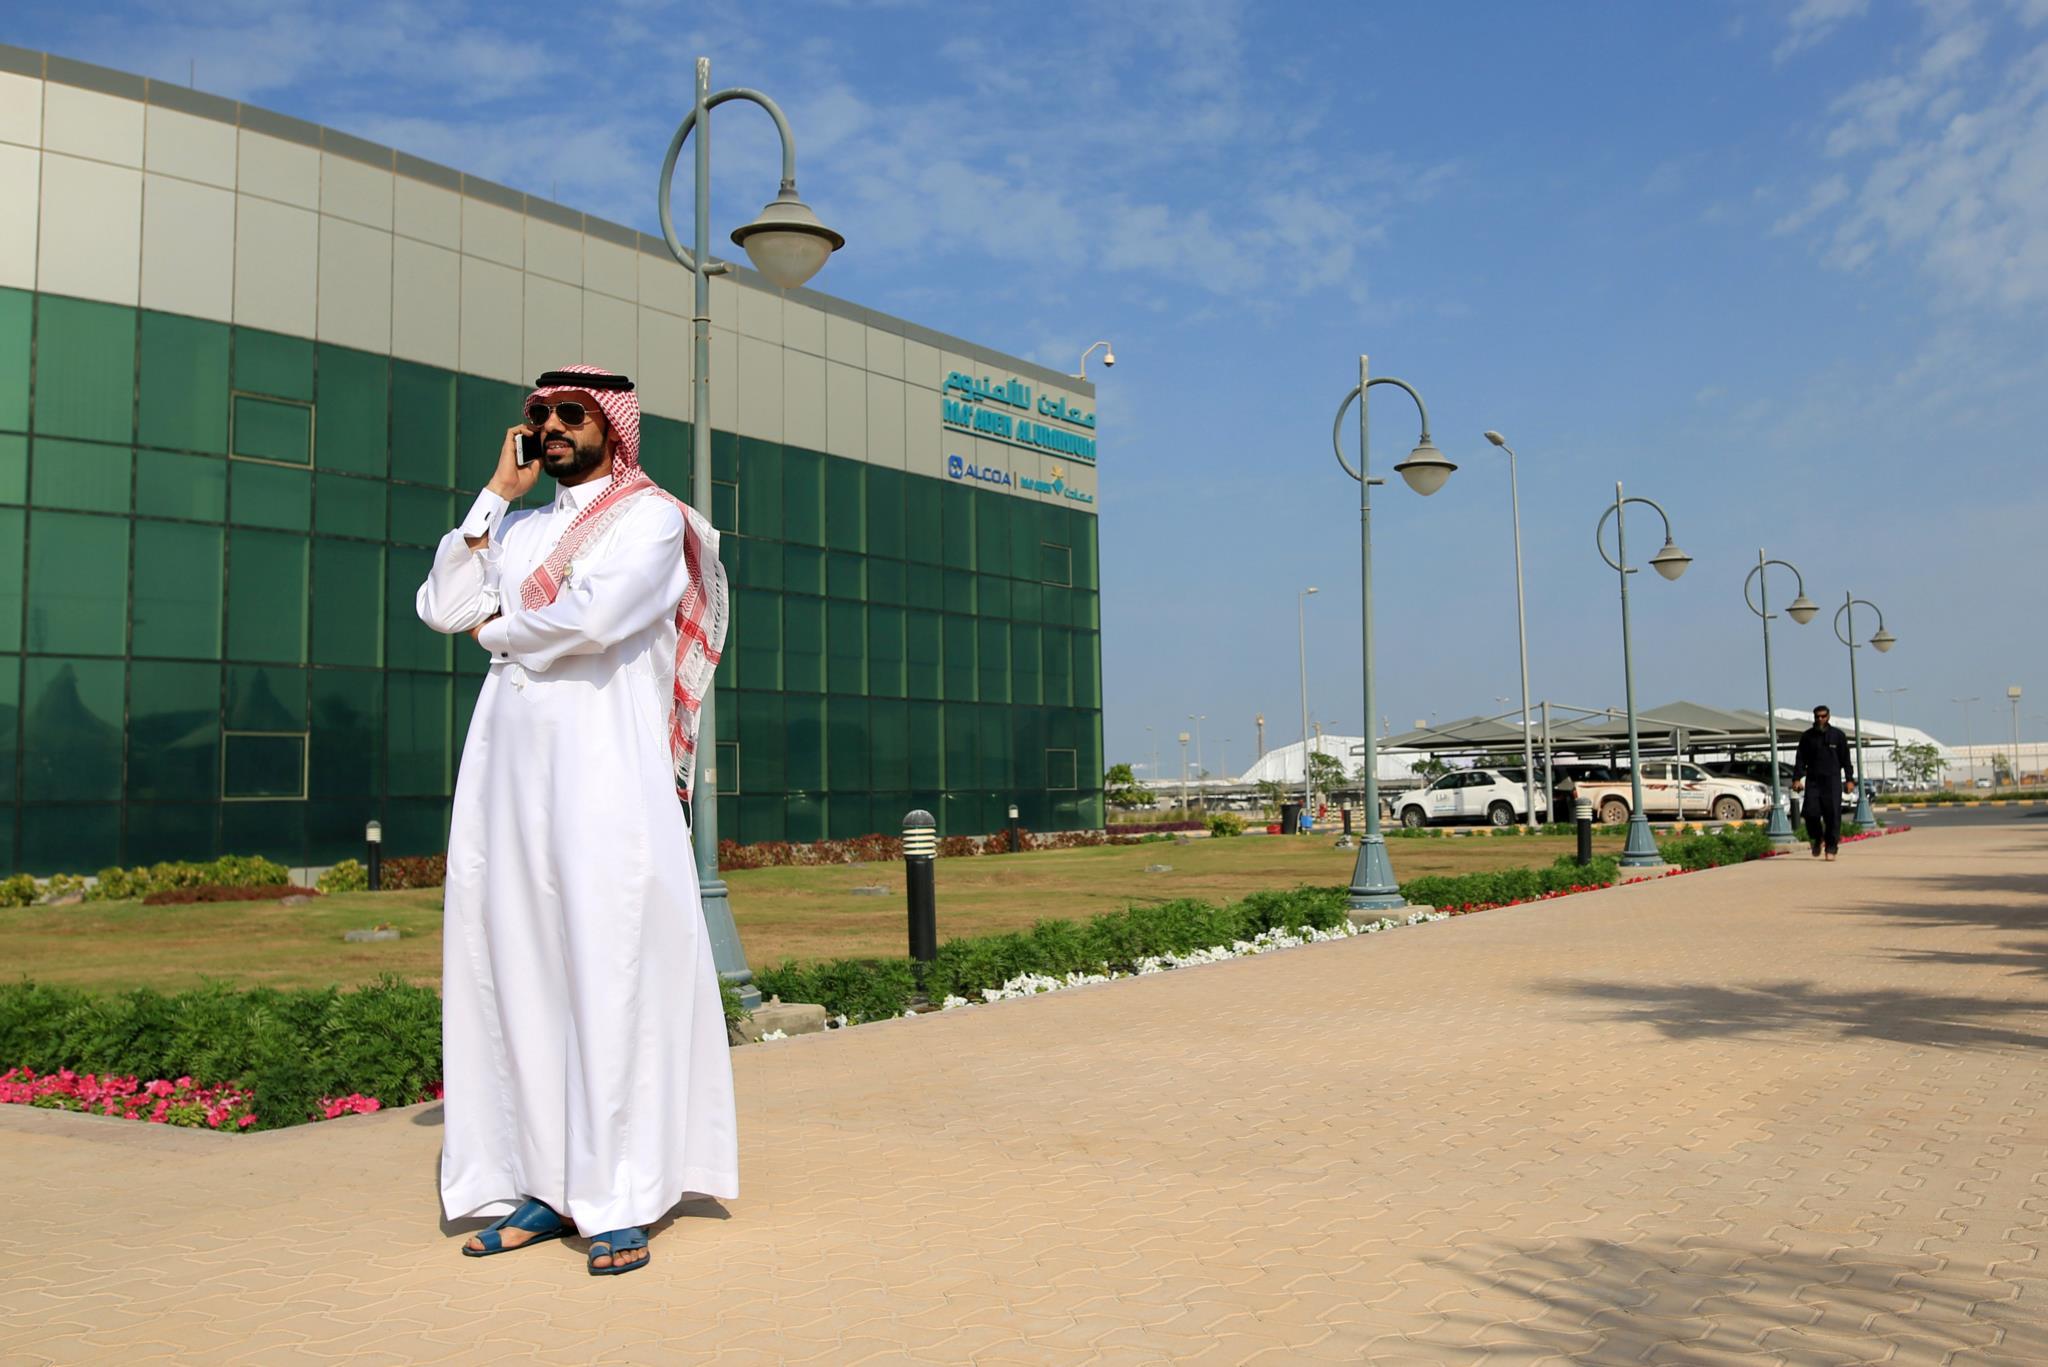 PÚBLICO - Arábia Saudita, o reino rico em petróleo quer olhar para lá do petróleo